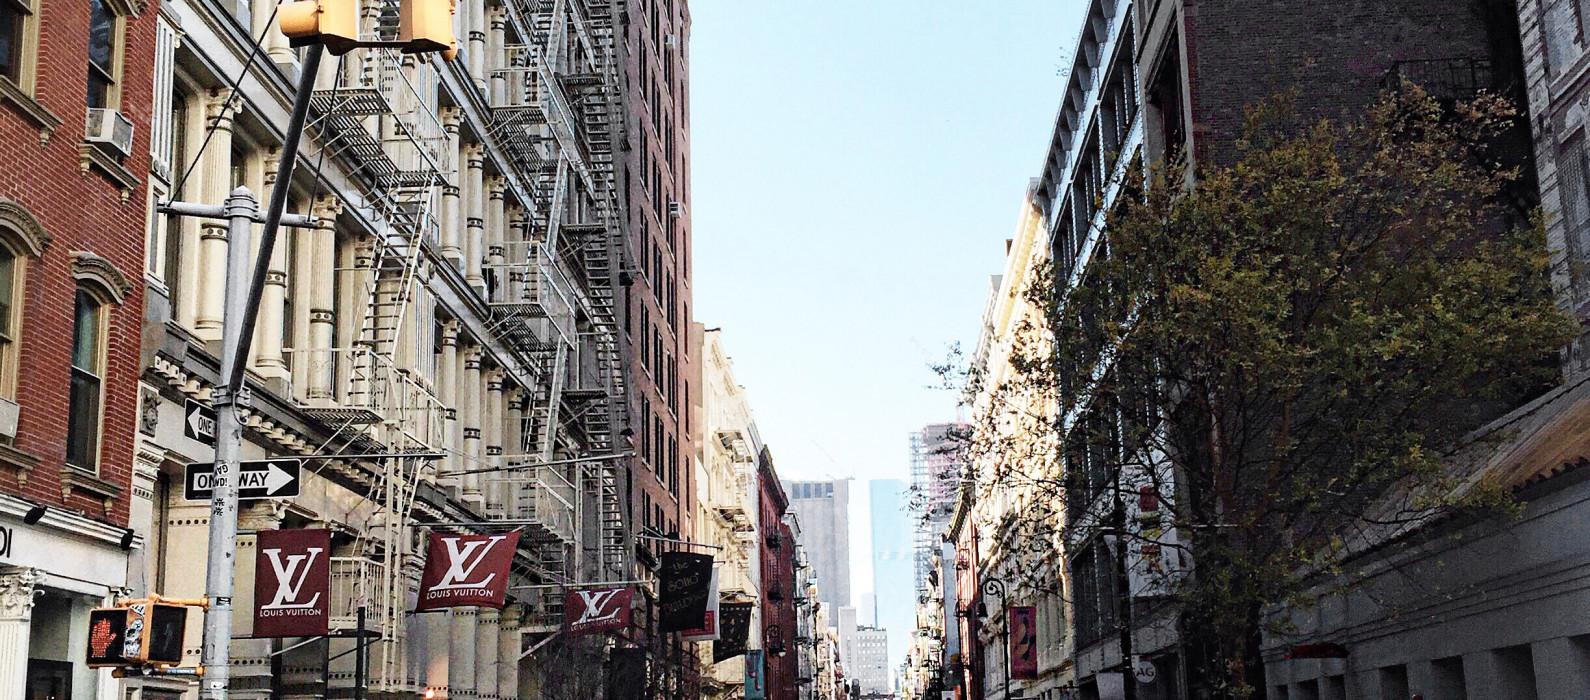 NYC Guide: Where to go, eat, sleep? ny10 1590x700